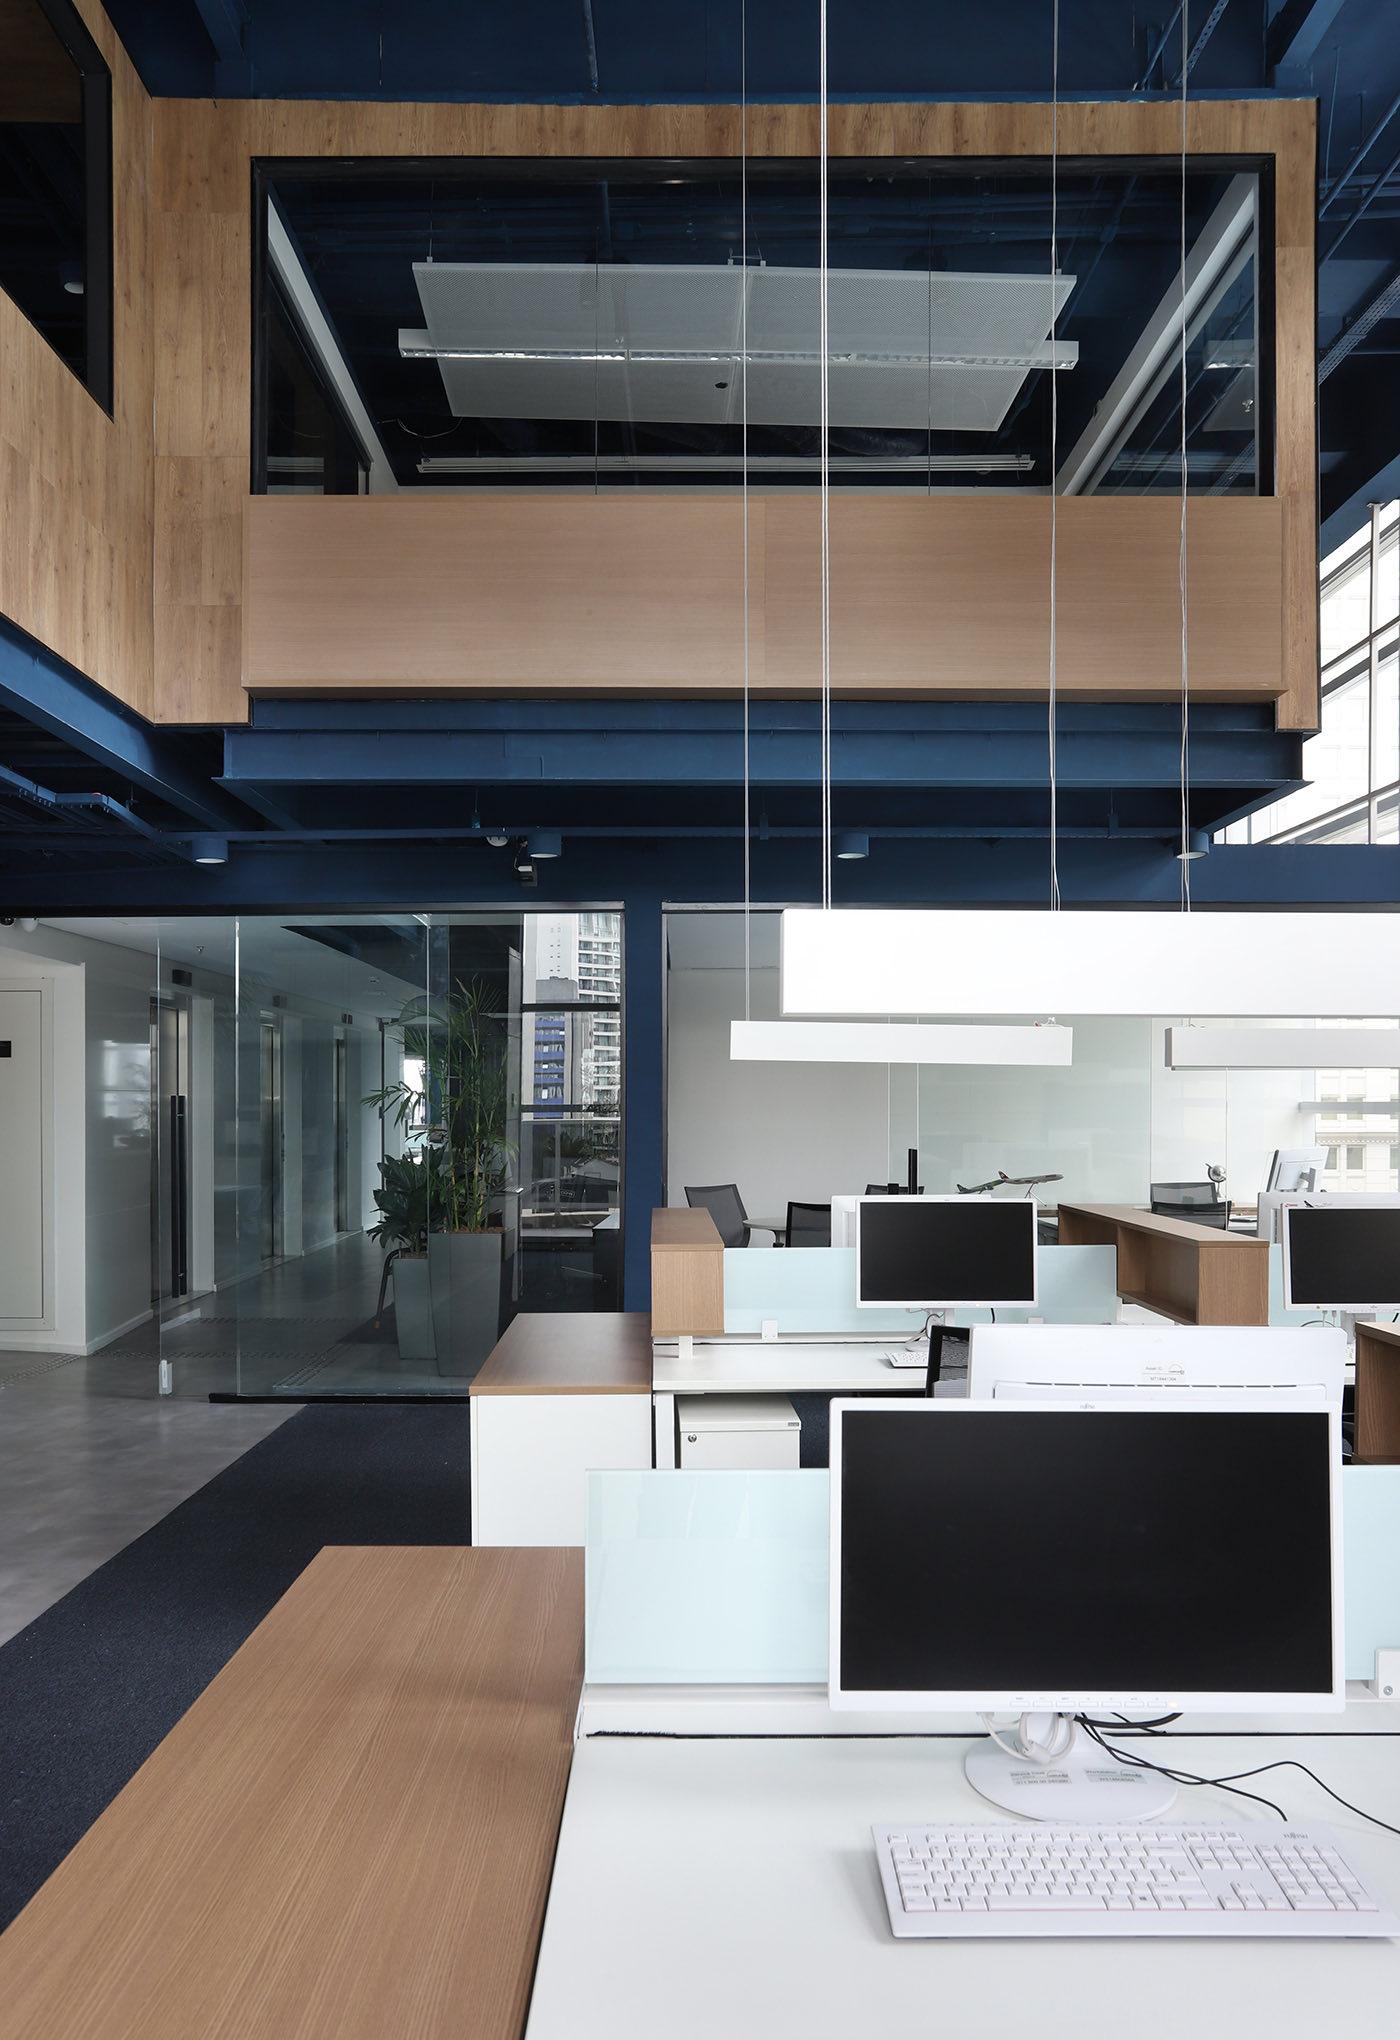 lufthansa-office-brazil-6